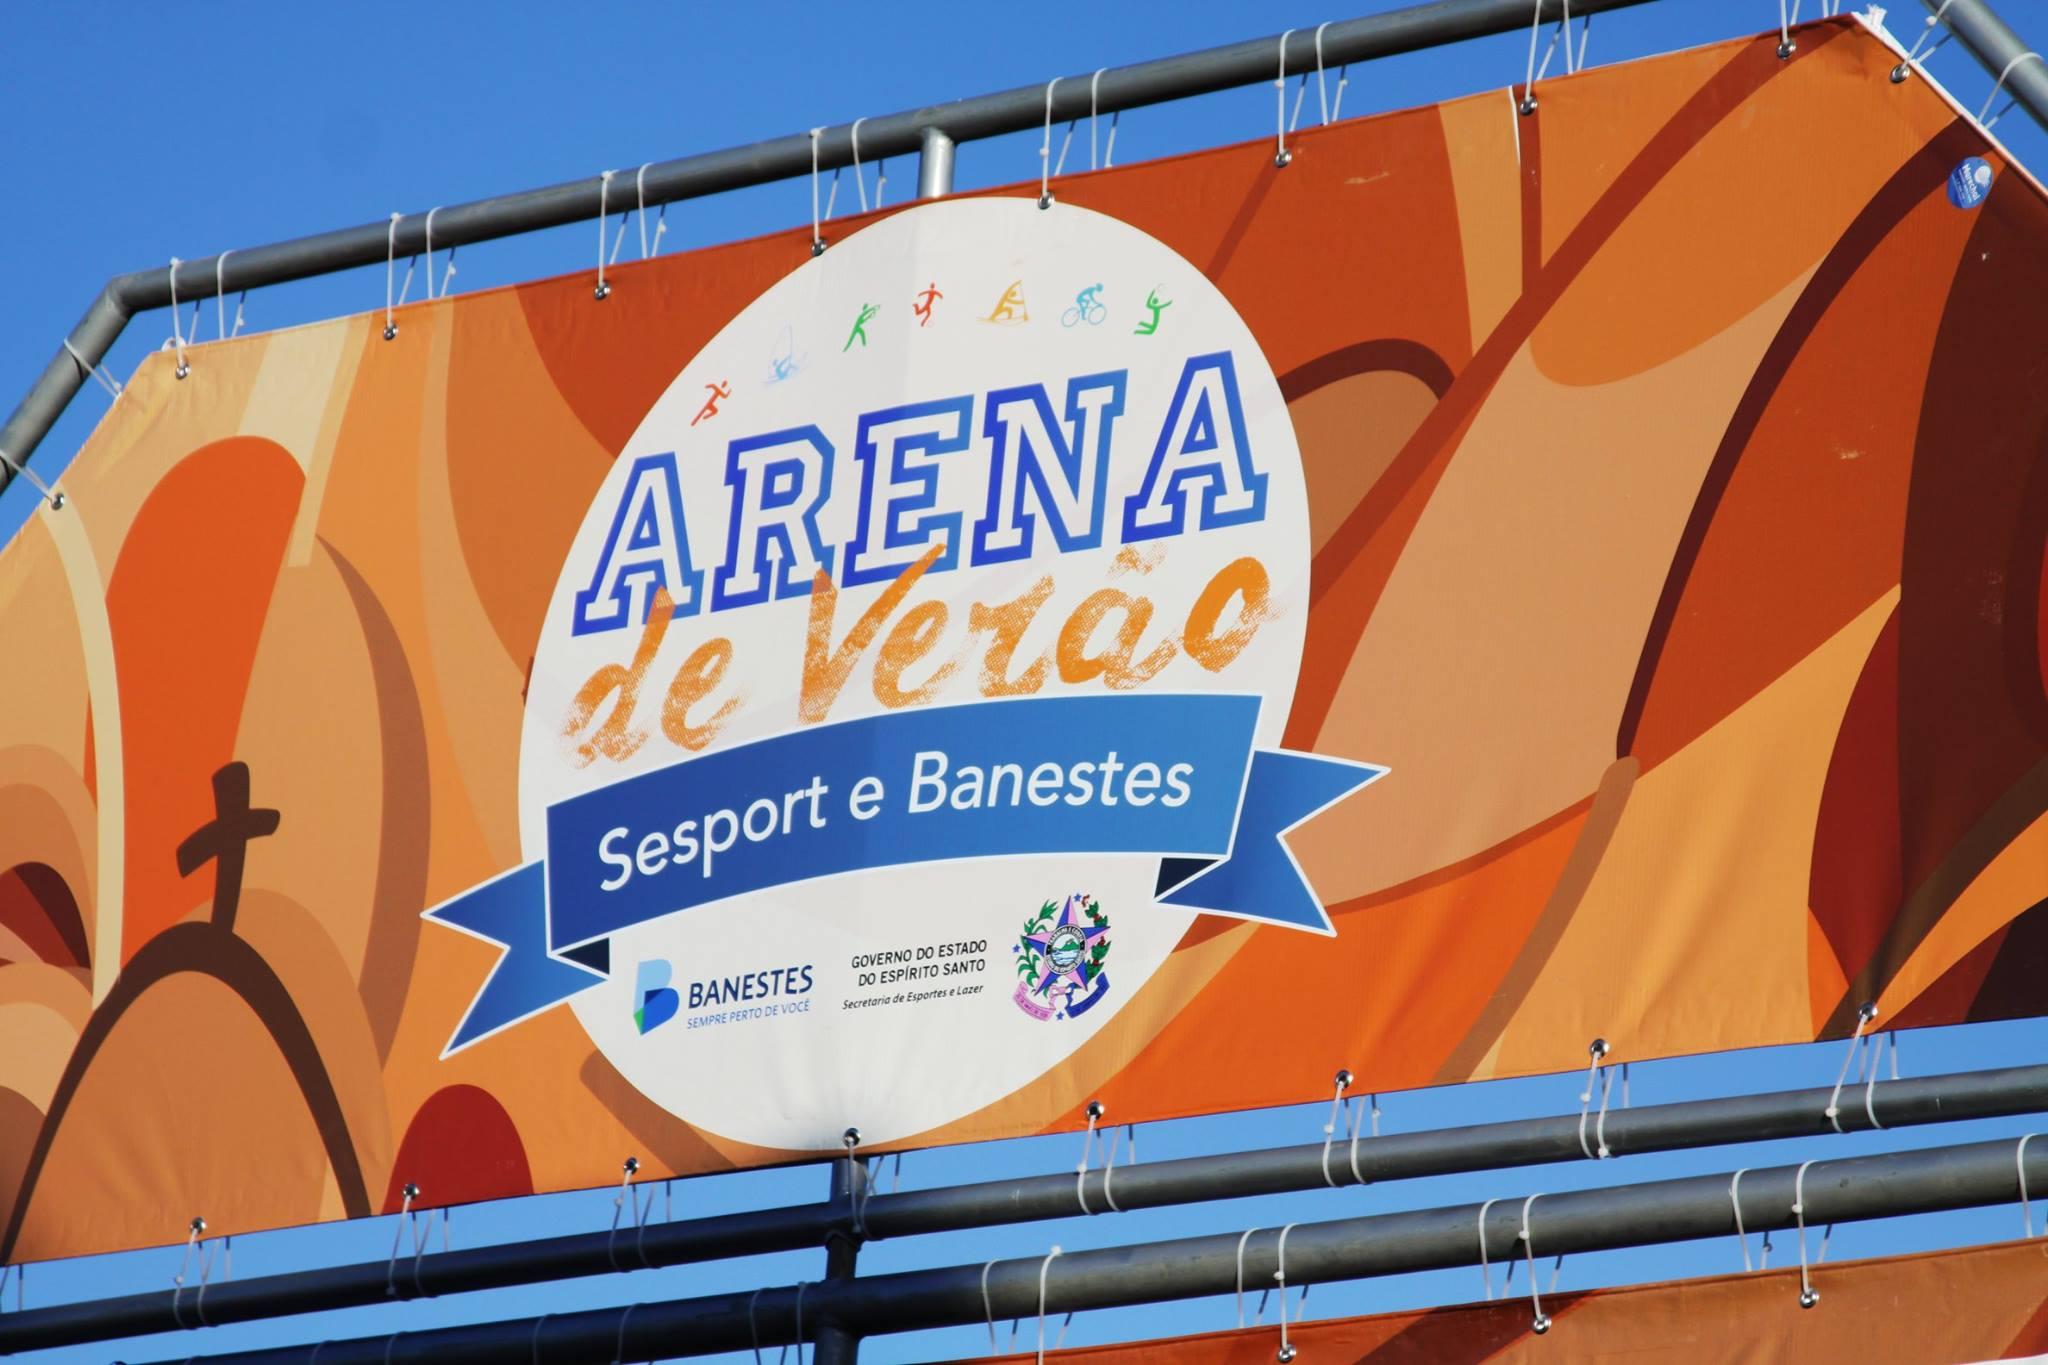 c52d38bdd Governo ES - Arena de Verão Sesport e Banestes recebe competições de luta  de praia